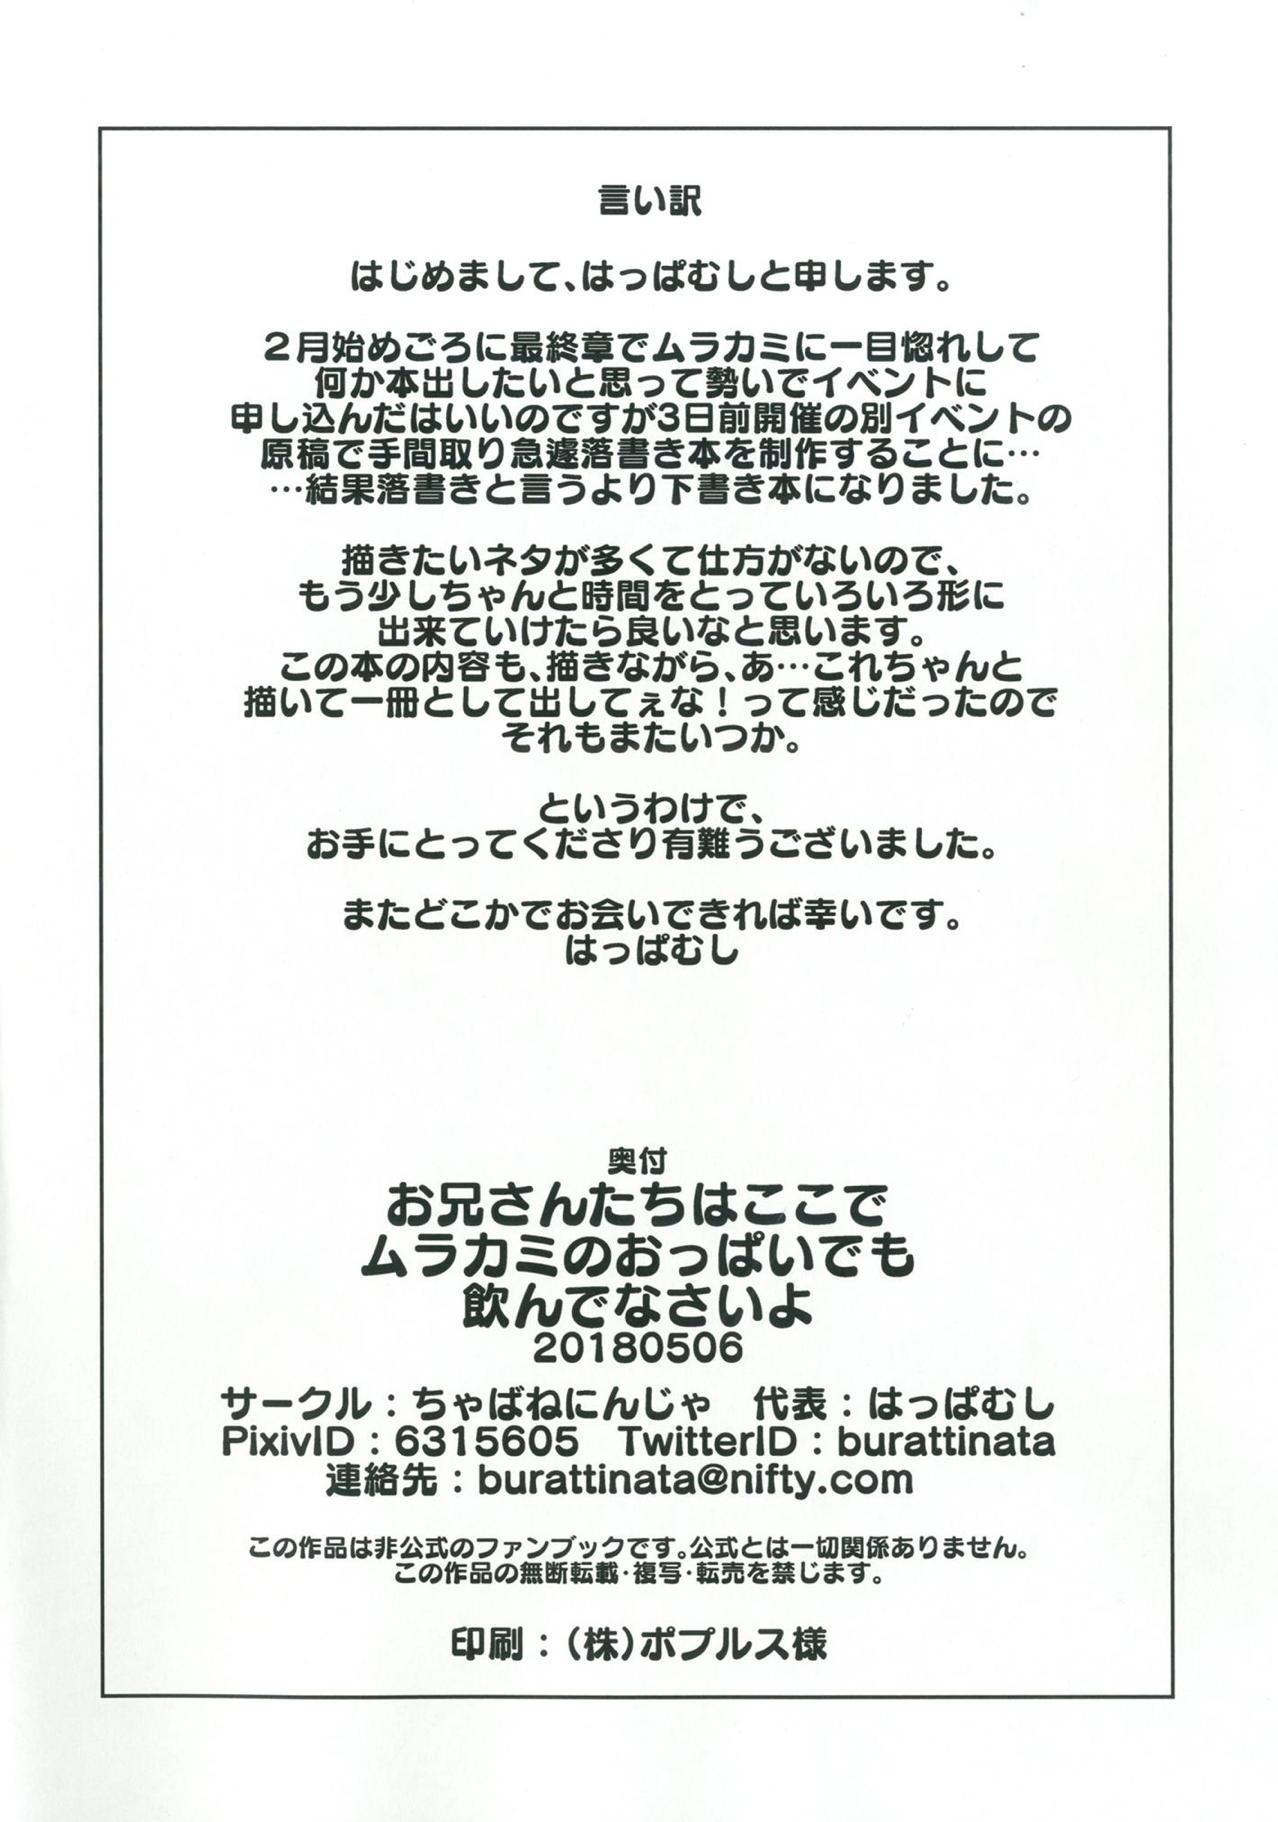 (Panzer Vor! 15) [Chabane Ninja (Happamushi)] Onii-san-tachi wa Koko de Murakami no Oppai demo Nondenasai yo (Girls und Panzer) 24